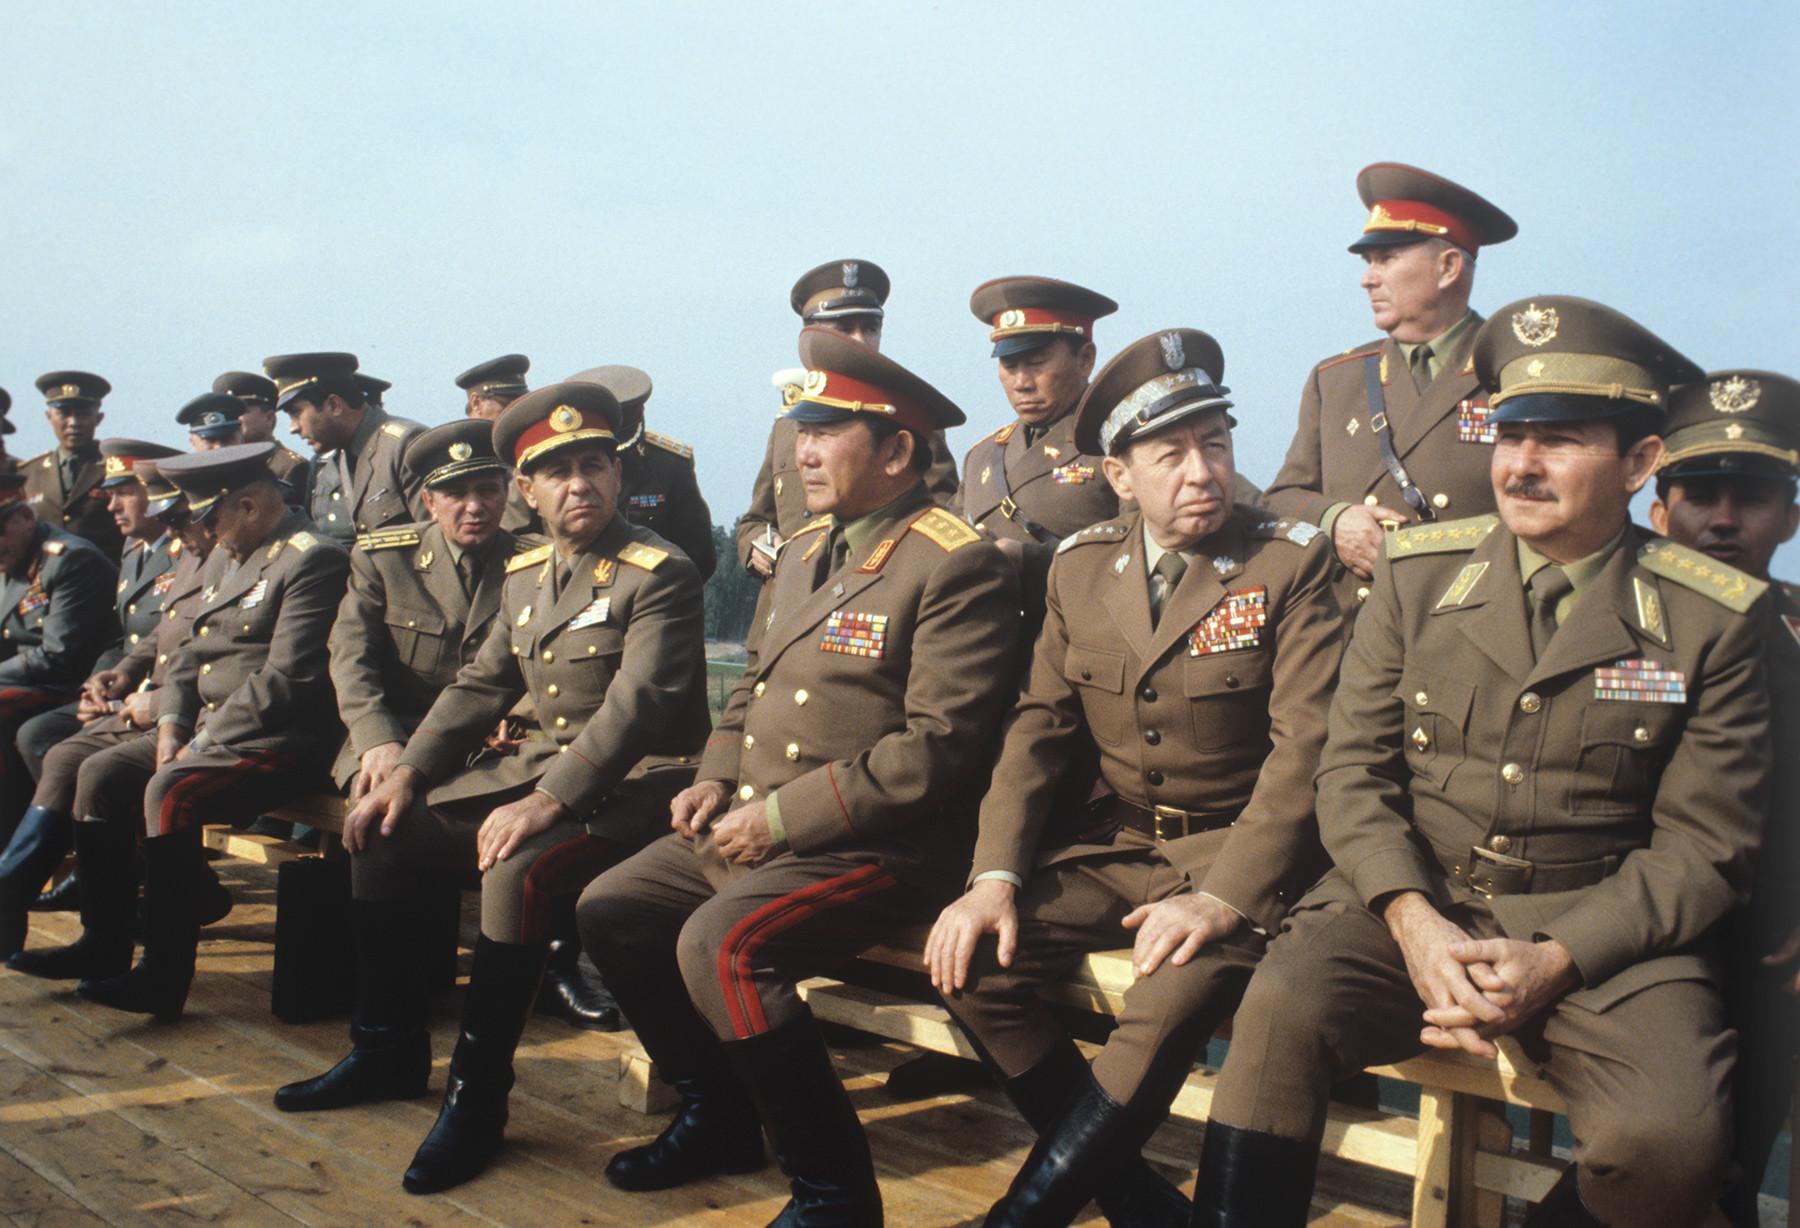 Vojni dužnosnici Varšavskog pakta na vježbama